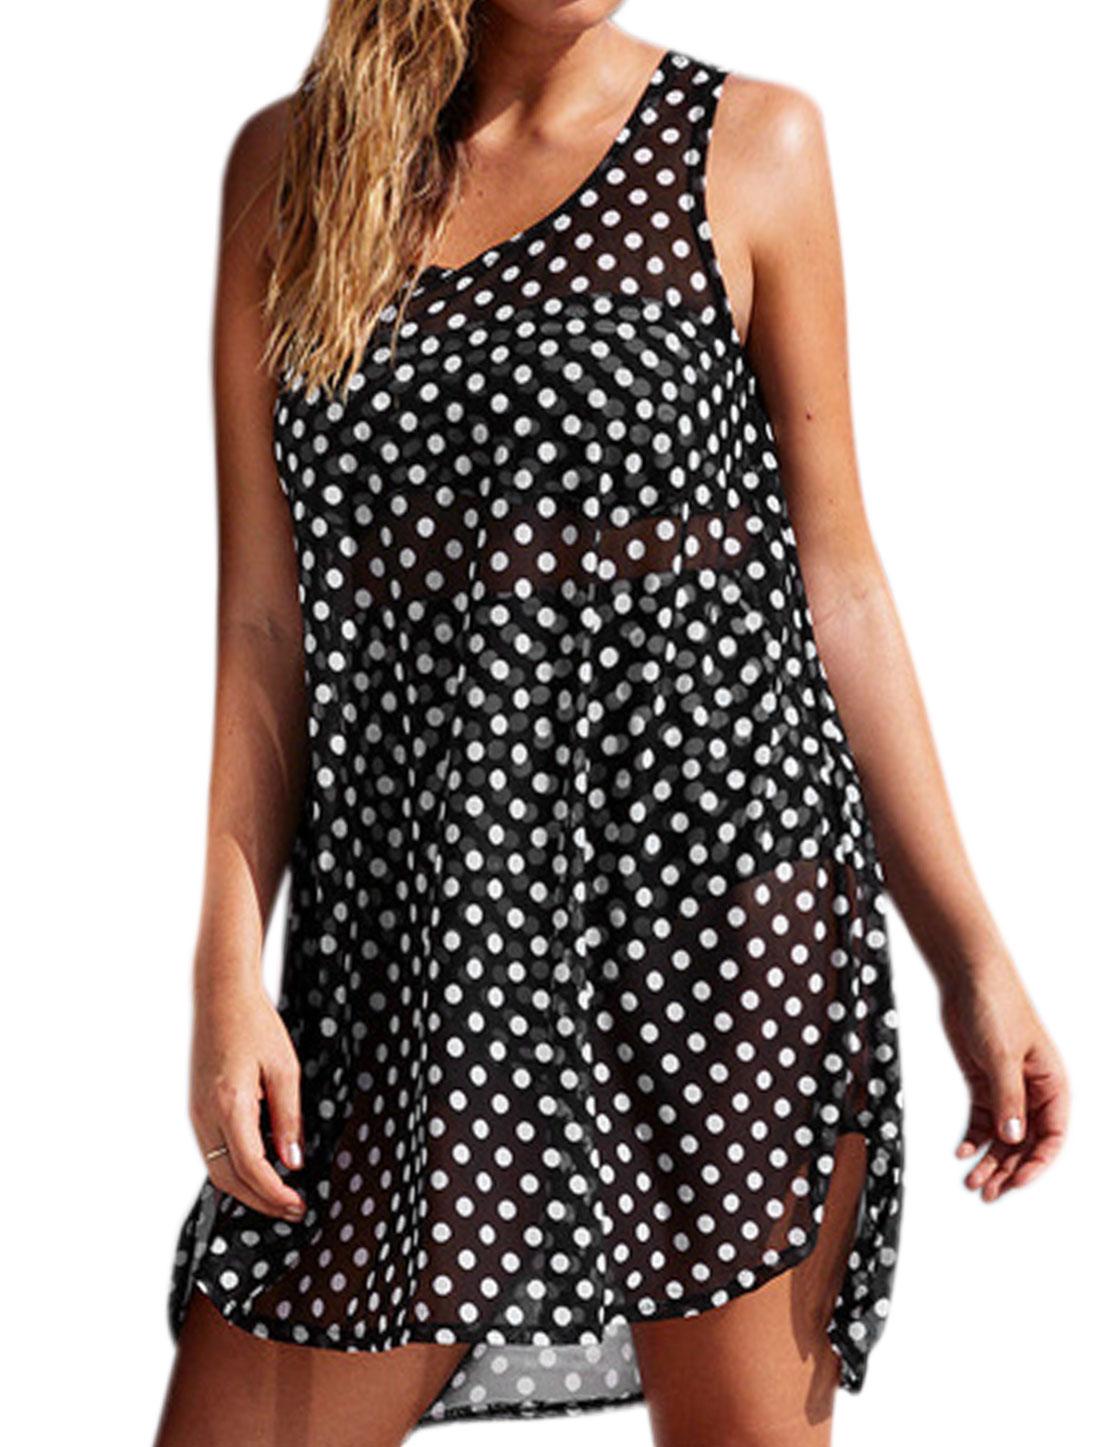 Women Dots Sleeveless Semi Sheer Chiffon Tunic Dress Black M